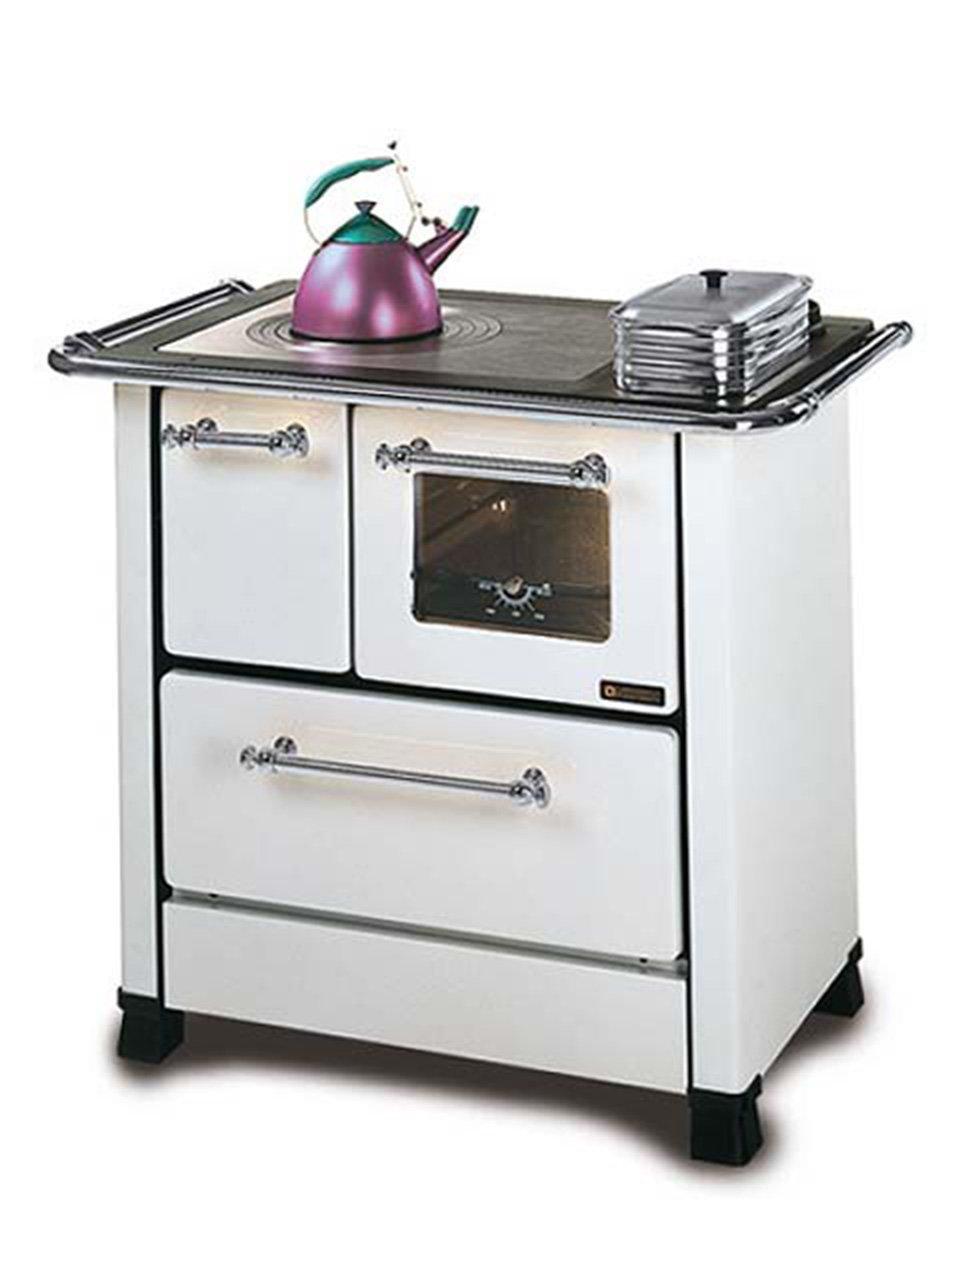 Küche romantische 41/2Weiße DX Stück 1Stk.